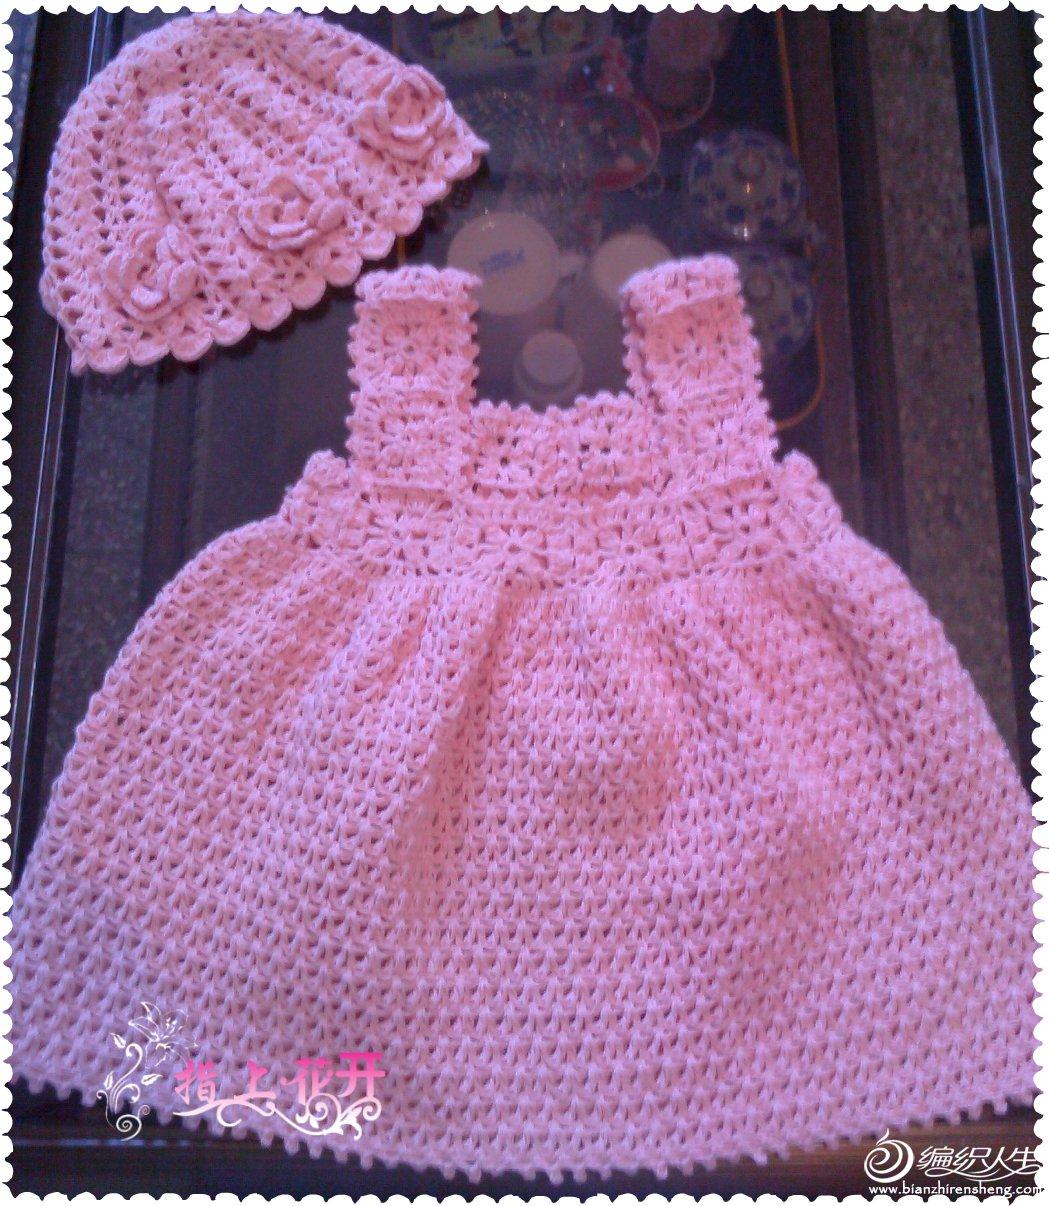 粉红裙子a.jpg